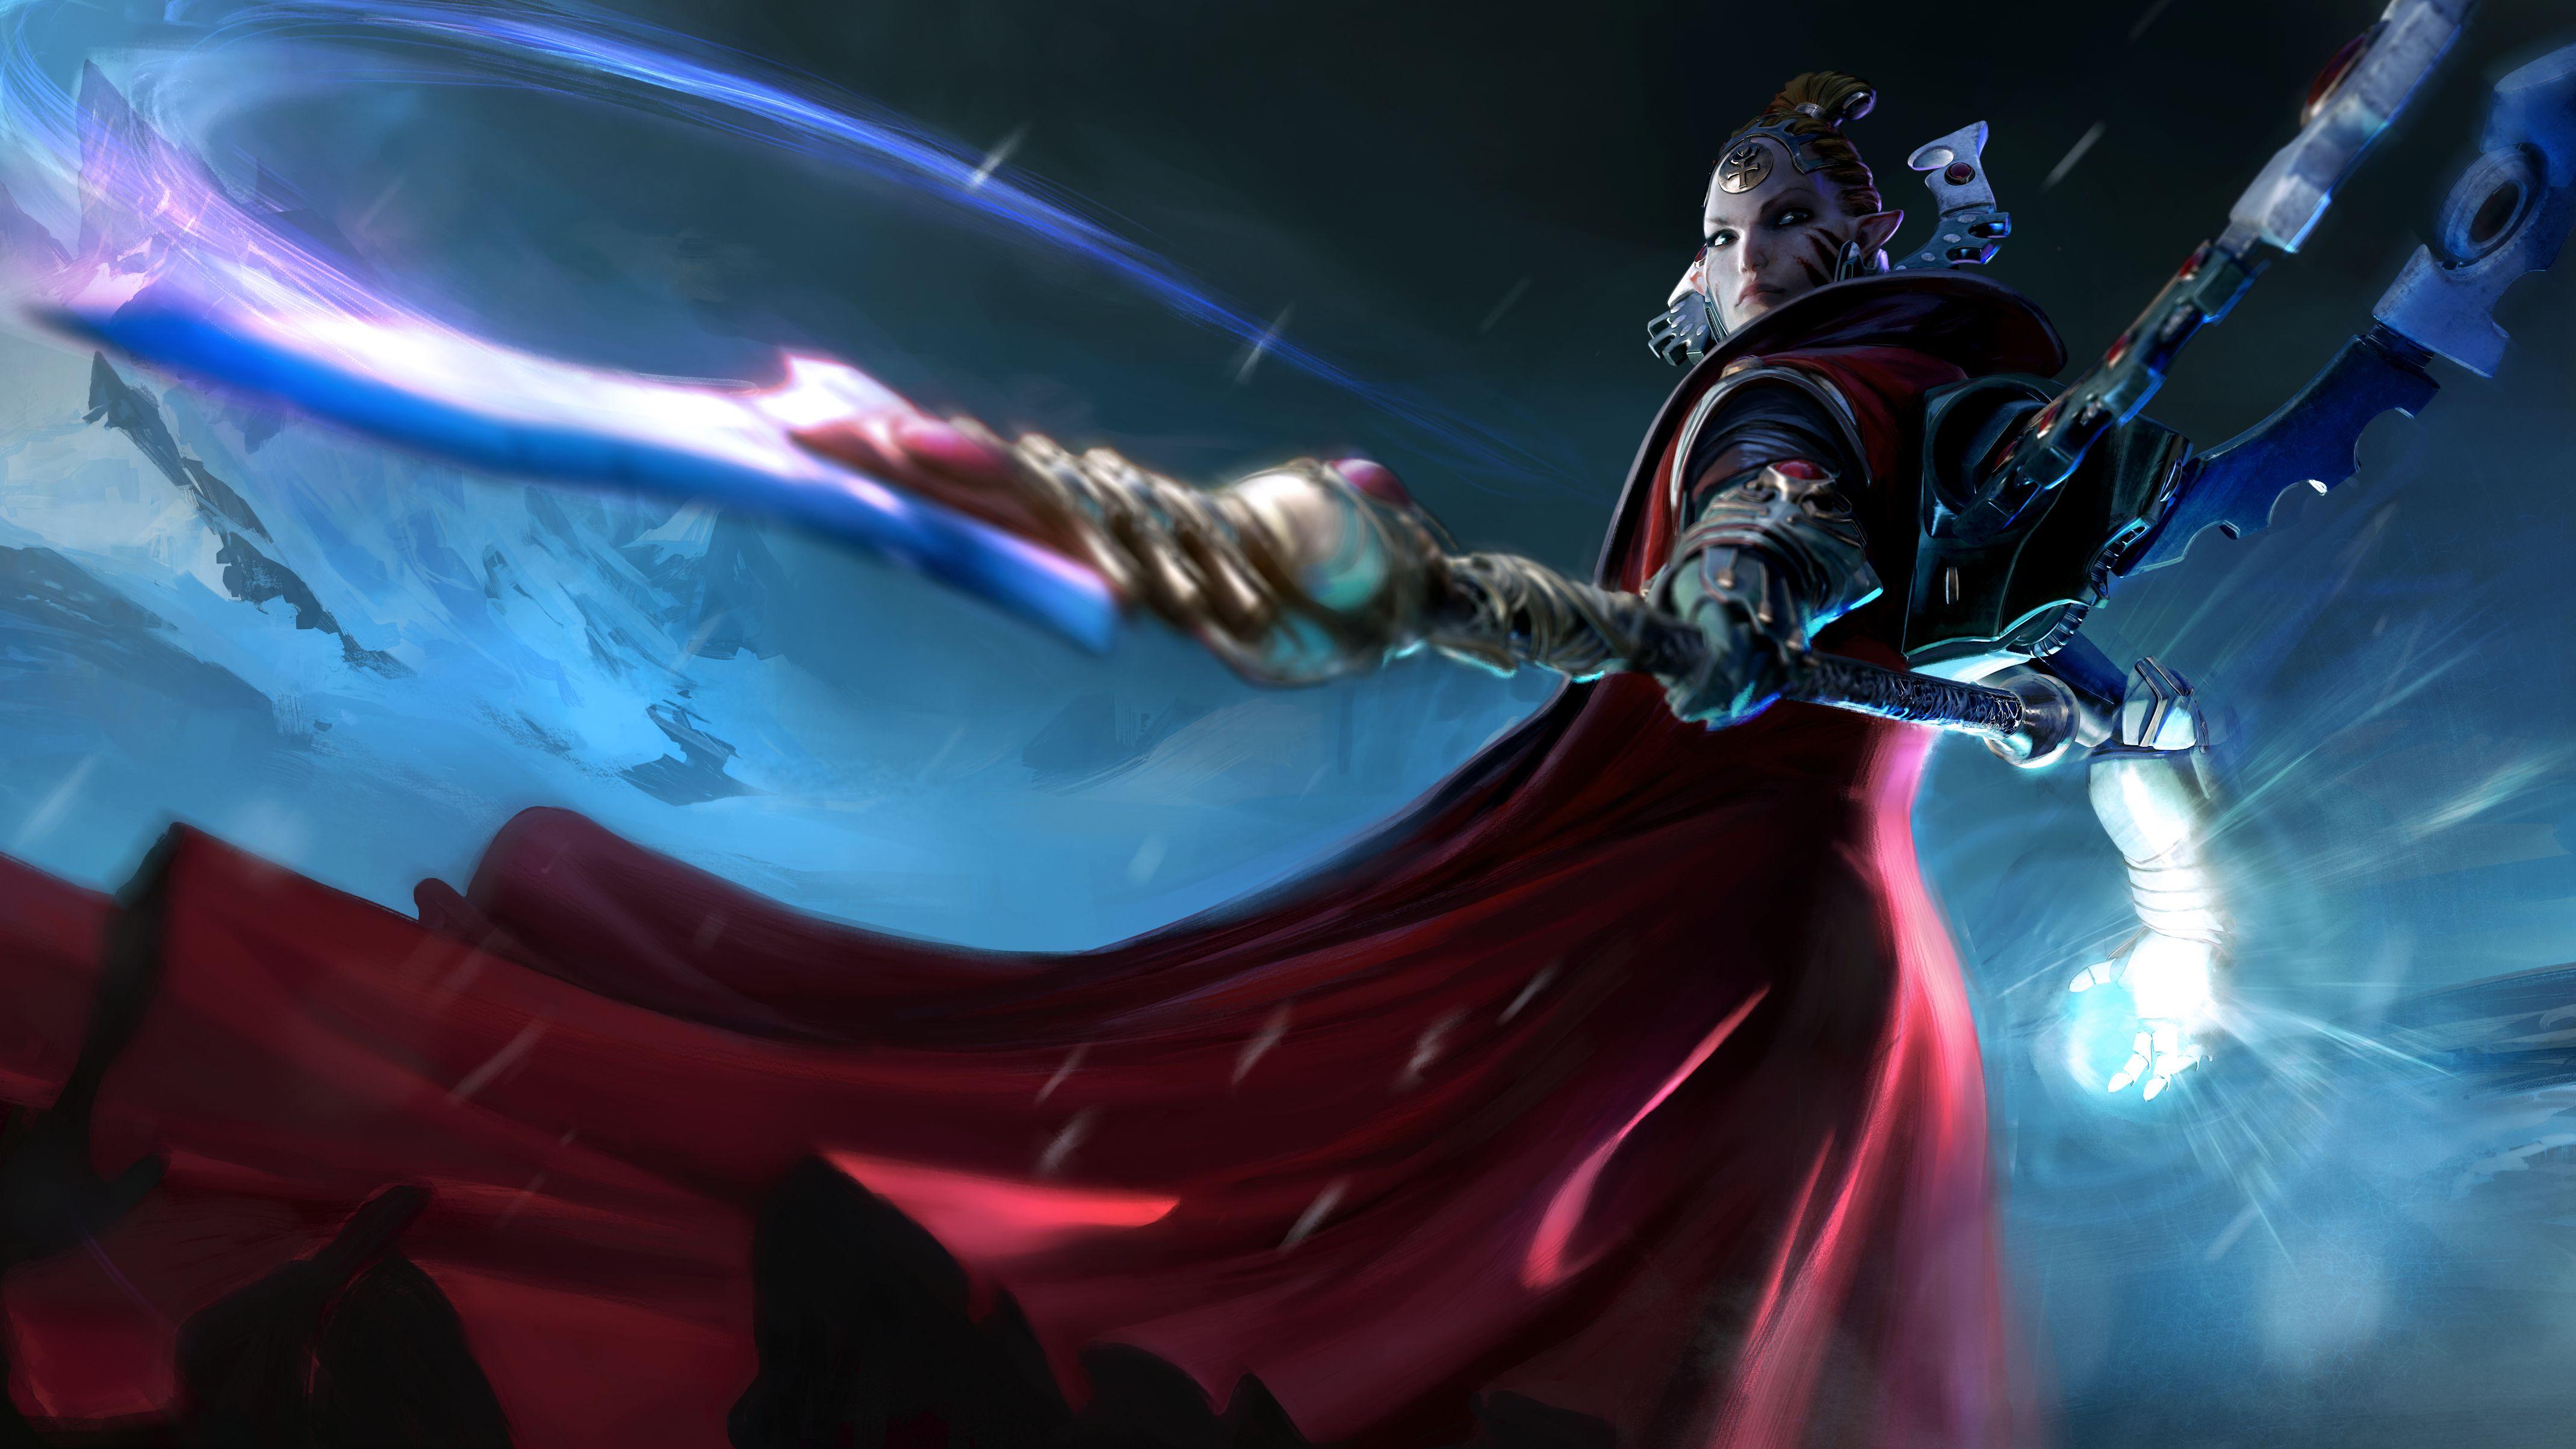 Podrobnosti o frakci Eldar z Warhammer 40,000: Dawn of War 3 131252